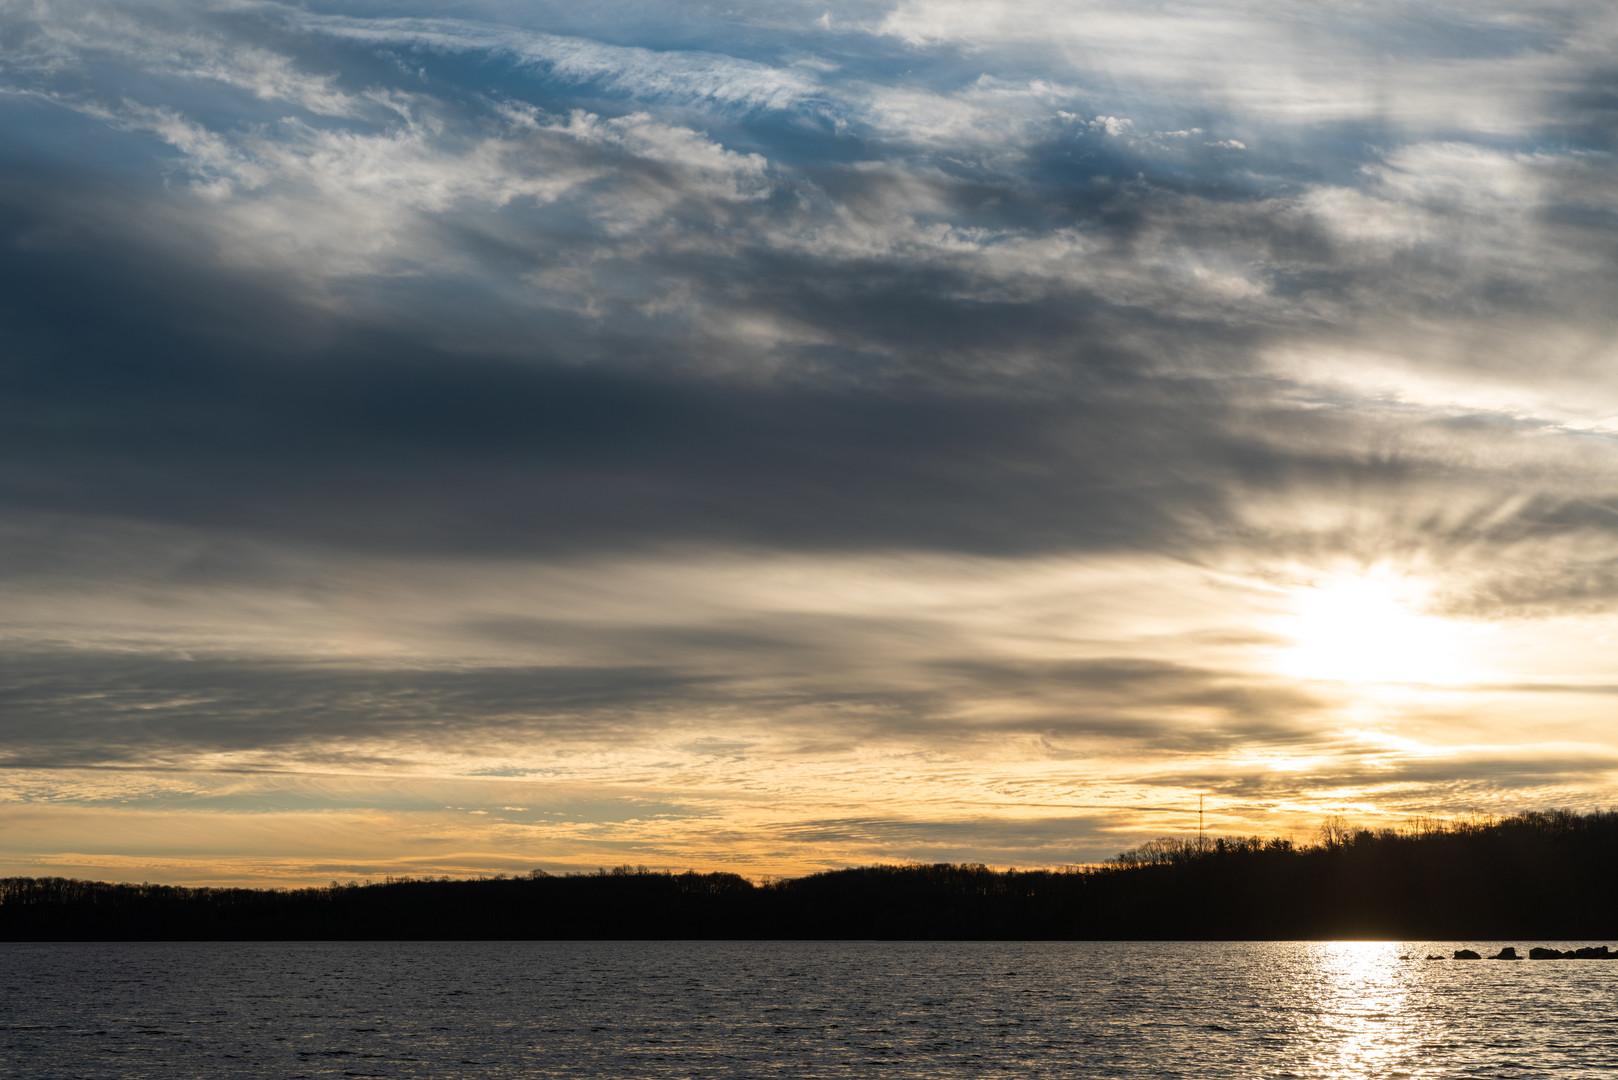 Sunset Over Merrill Creek Reservoir, New Jersey